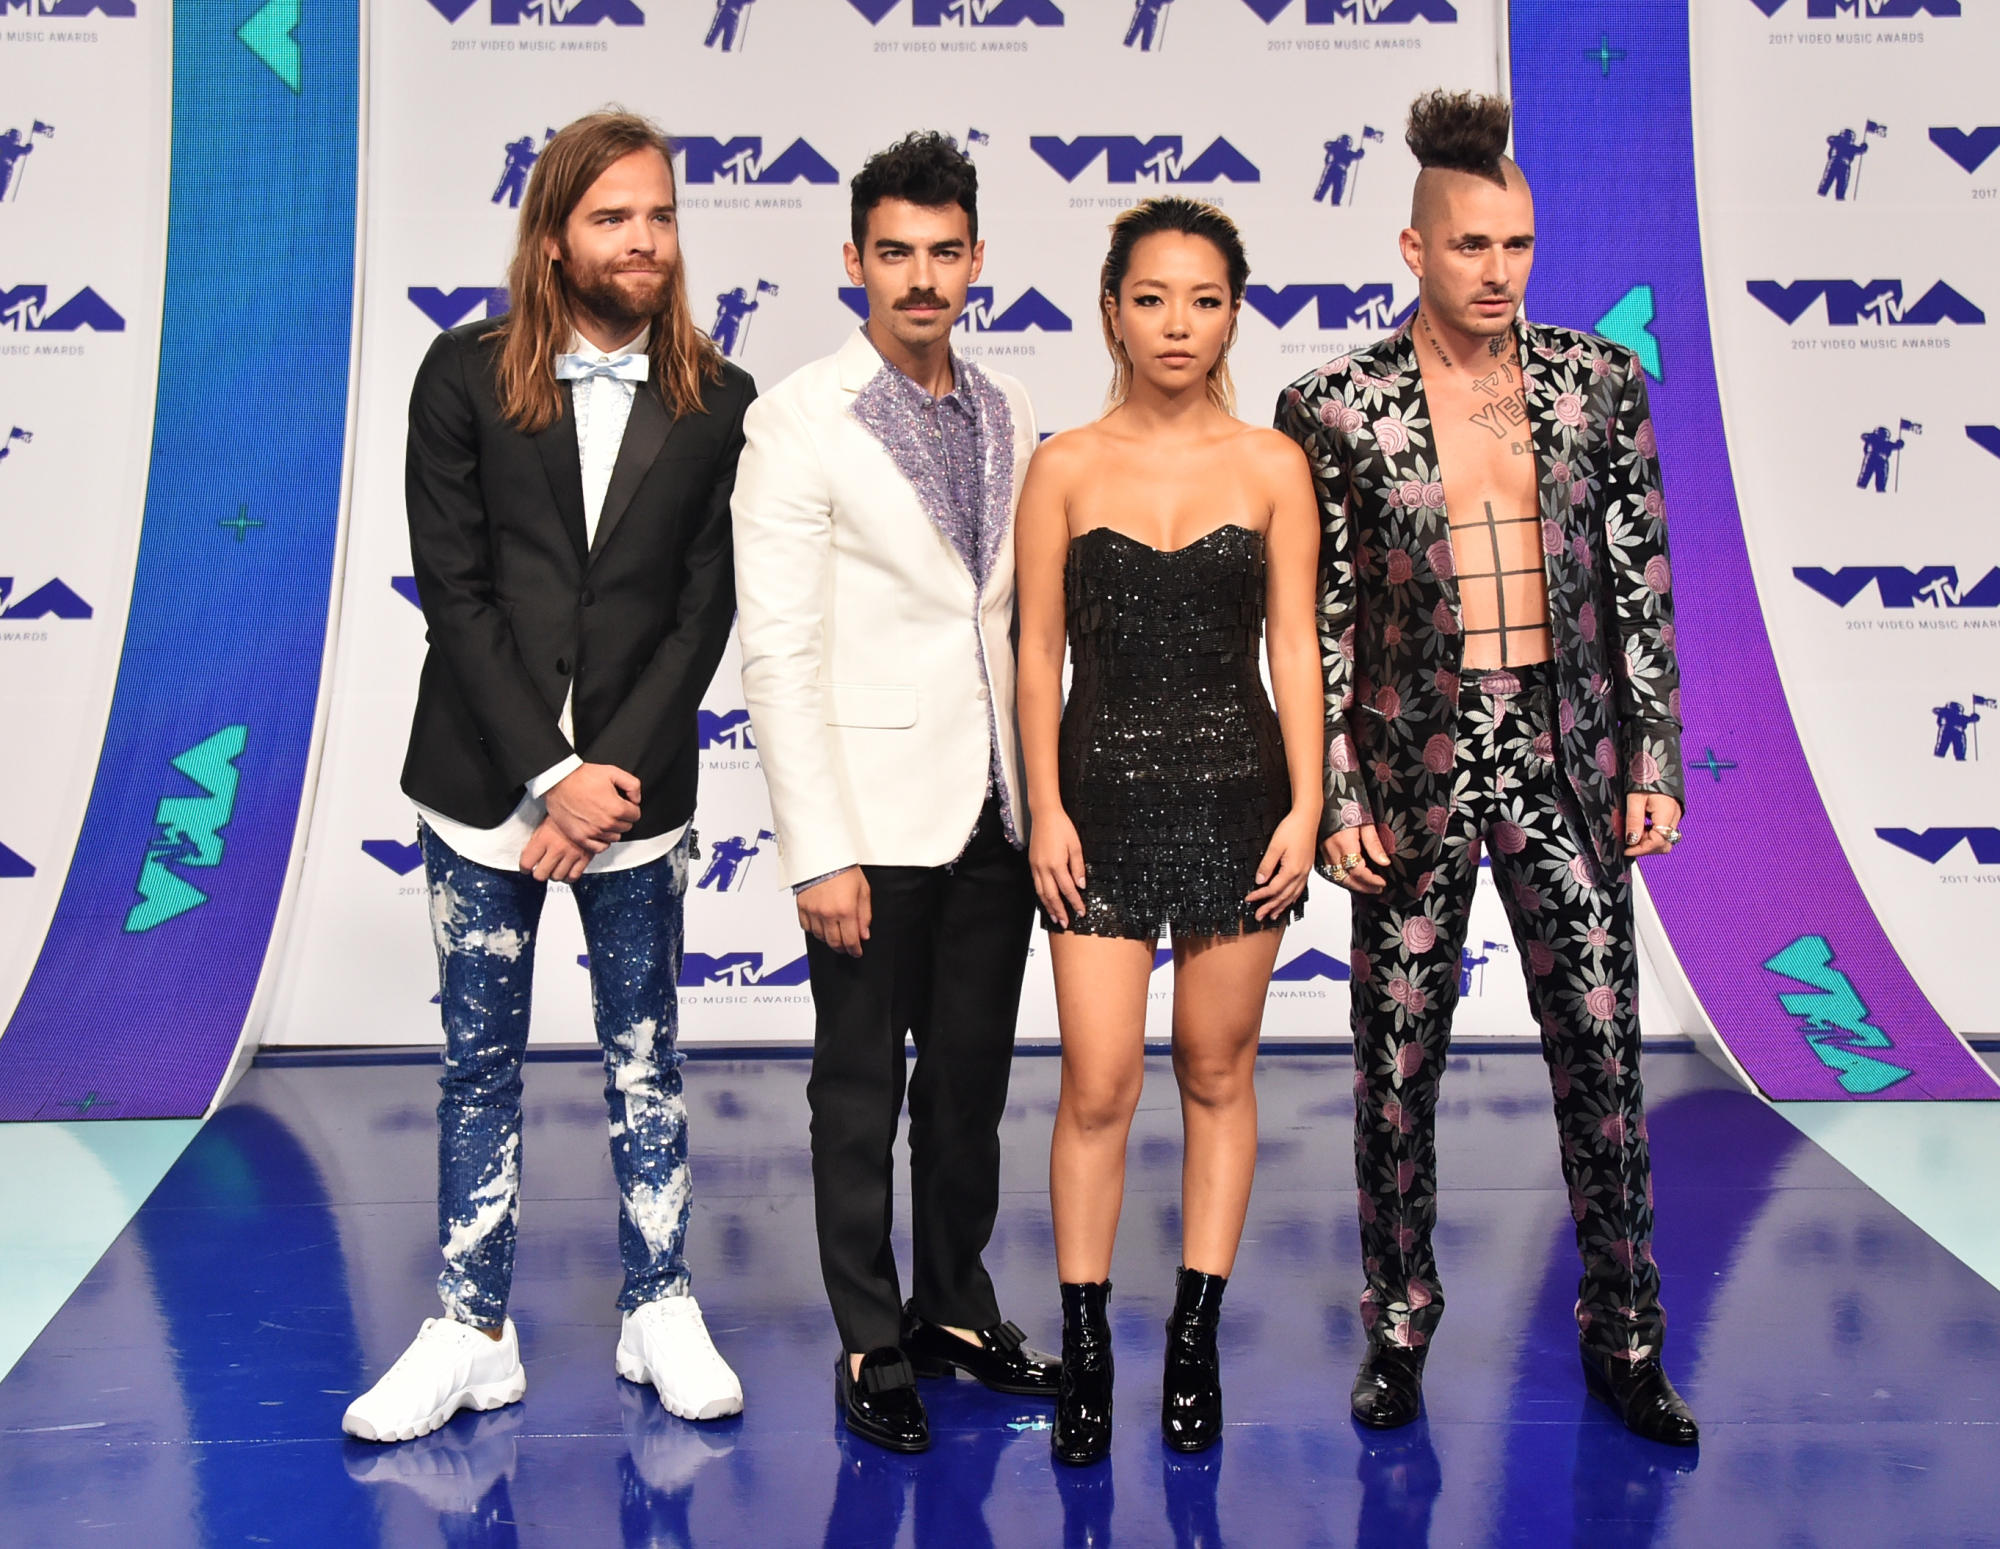 Nhóm nhạc DNCE với phong cách thời trang đặc sắc. Mỗi người một phong cách nhưng có sự liên kết giữa những bộ trang phục.